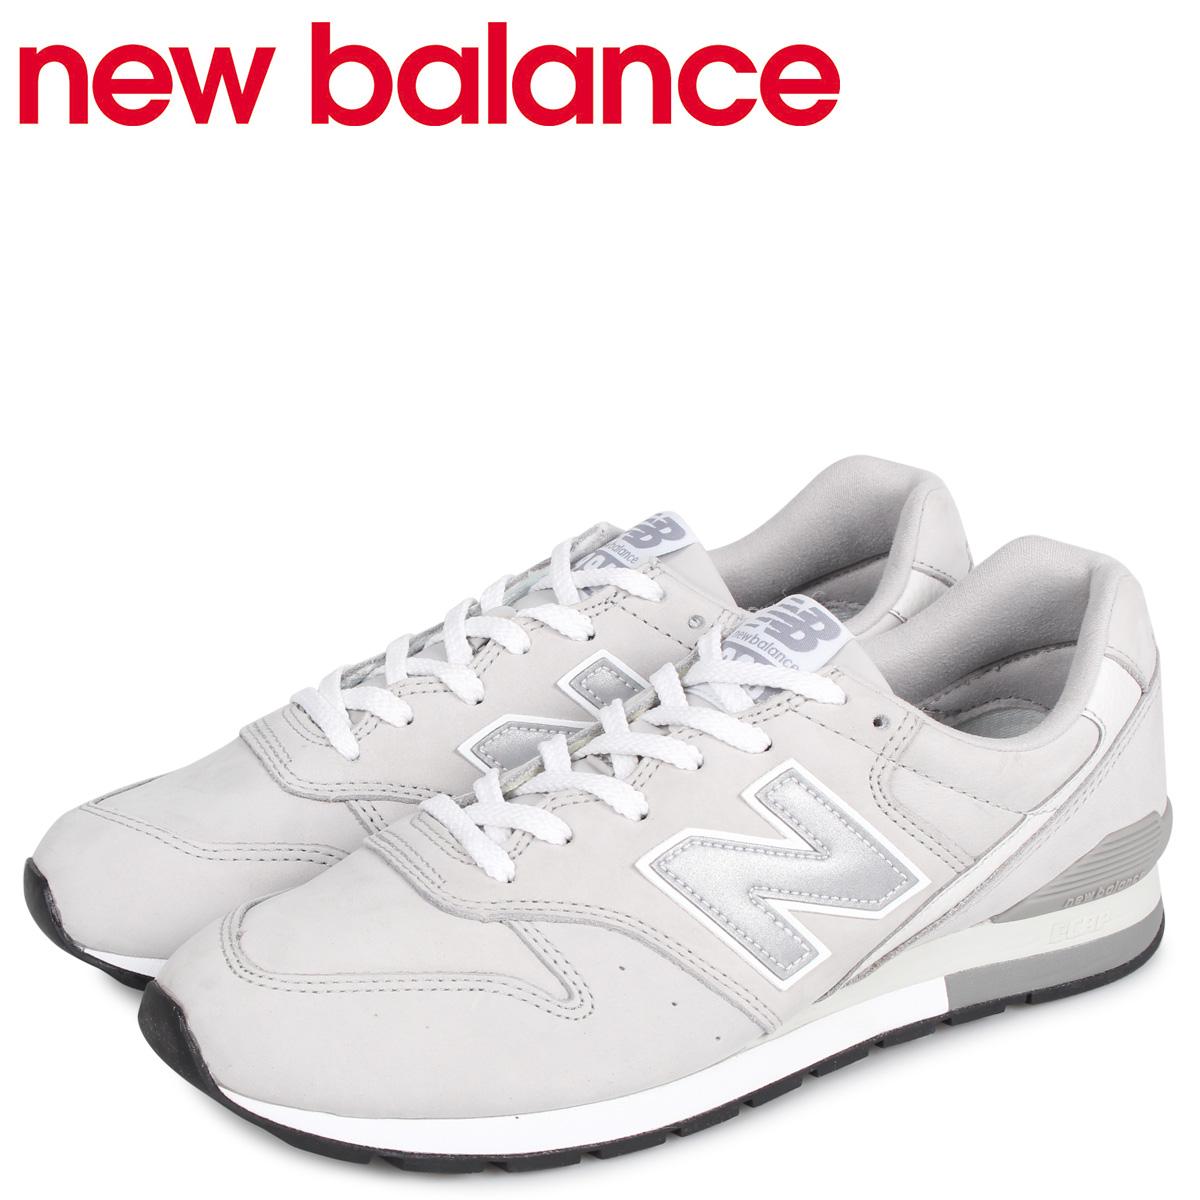 new balance ニューバランス 996 スニーカー メンズ Dワイズ グレー CM996RD [4/13 追加入荷]